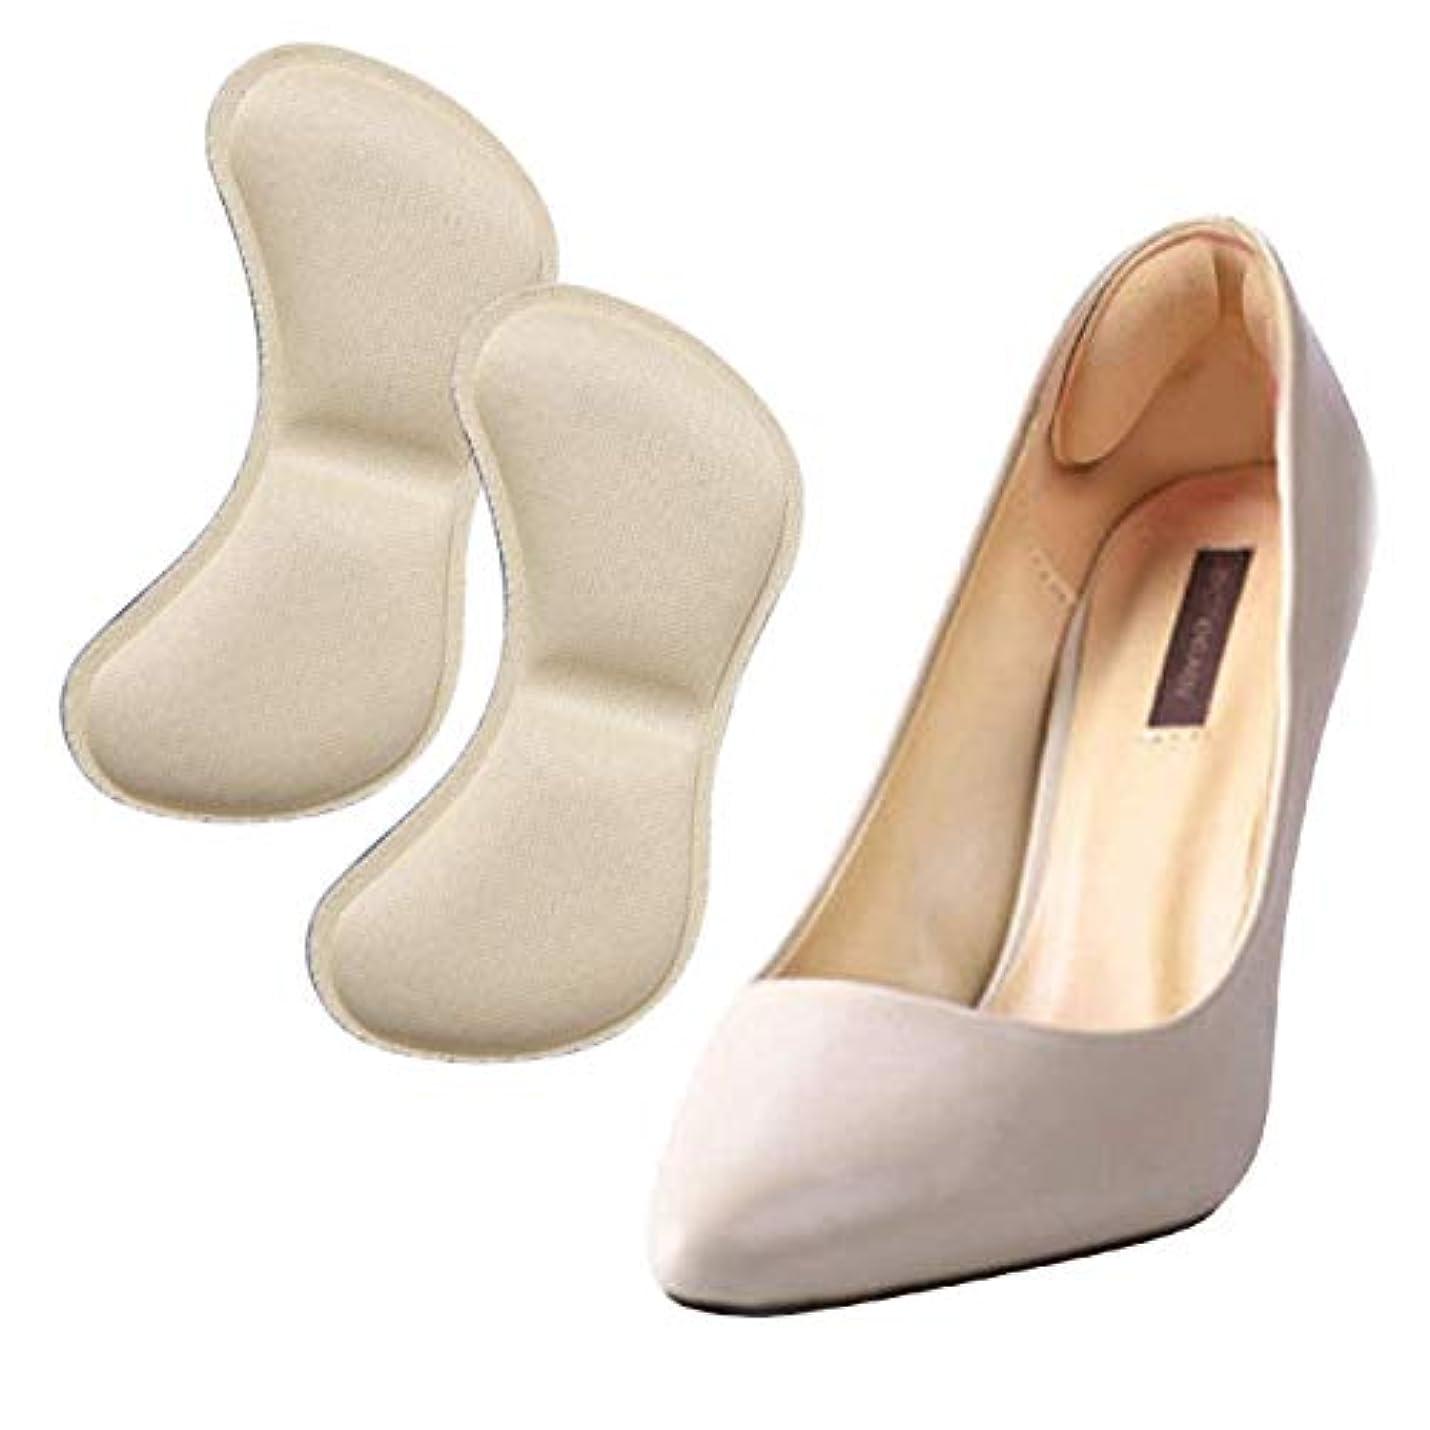 ブラウズ神聖容疑者sac taske かかとパッド レディース 靴ずれ 防止 パッド かかと 足用 ヒール 保護 10足 (ベージュ 10足セット)